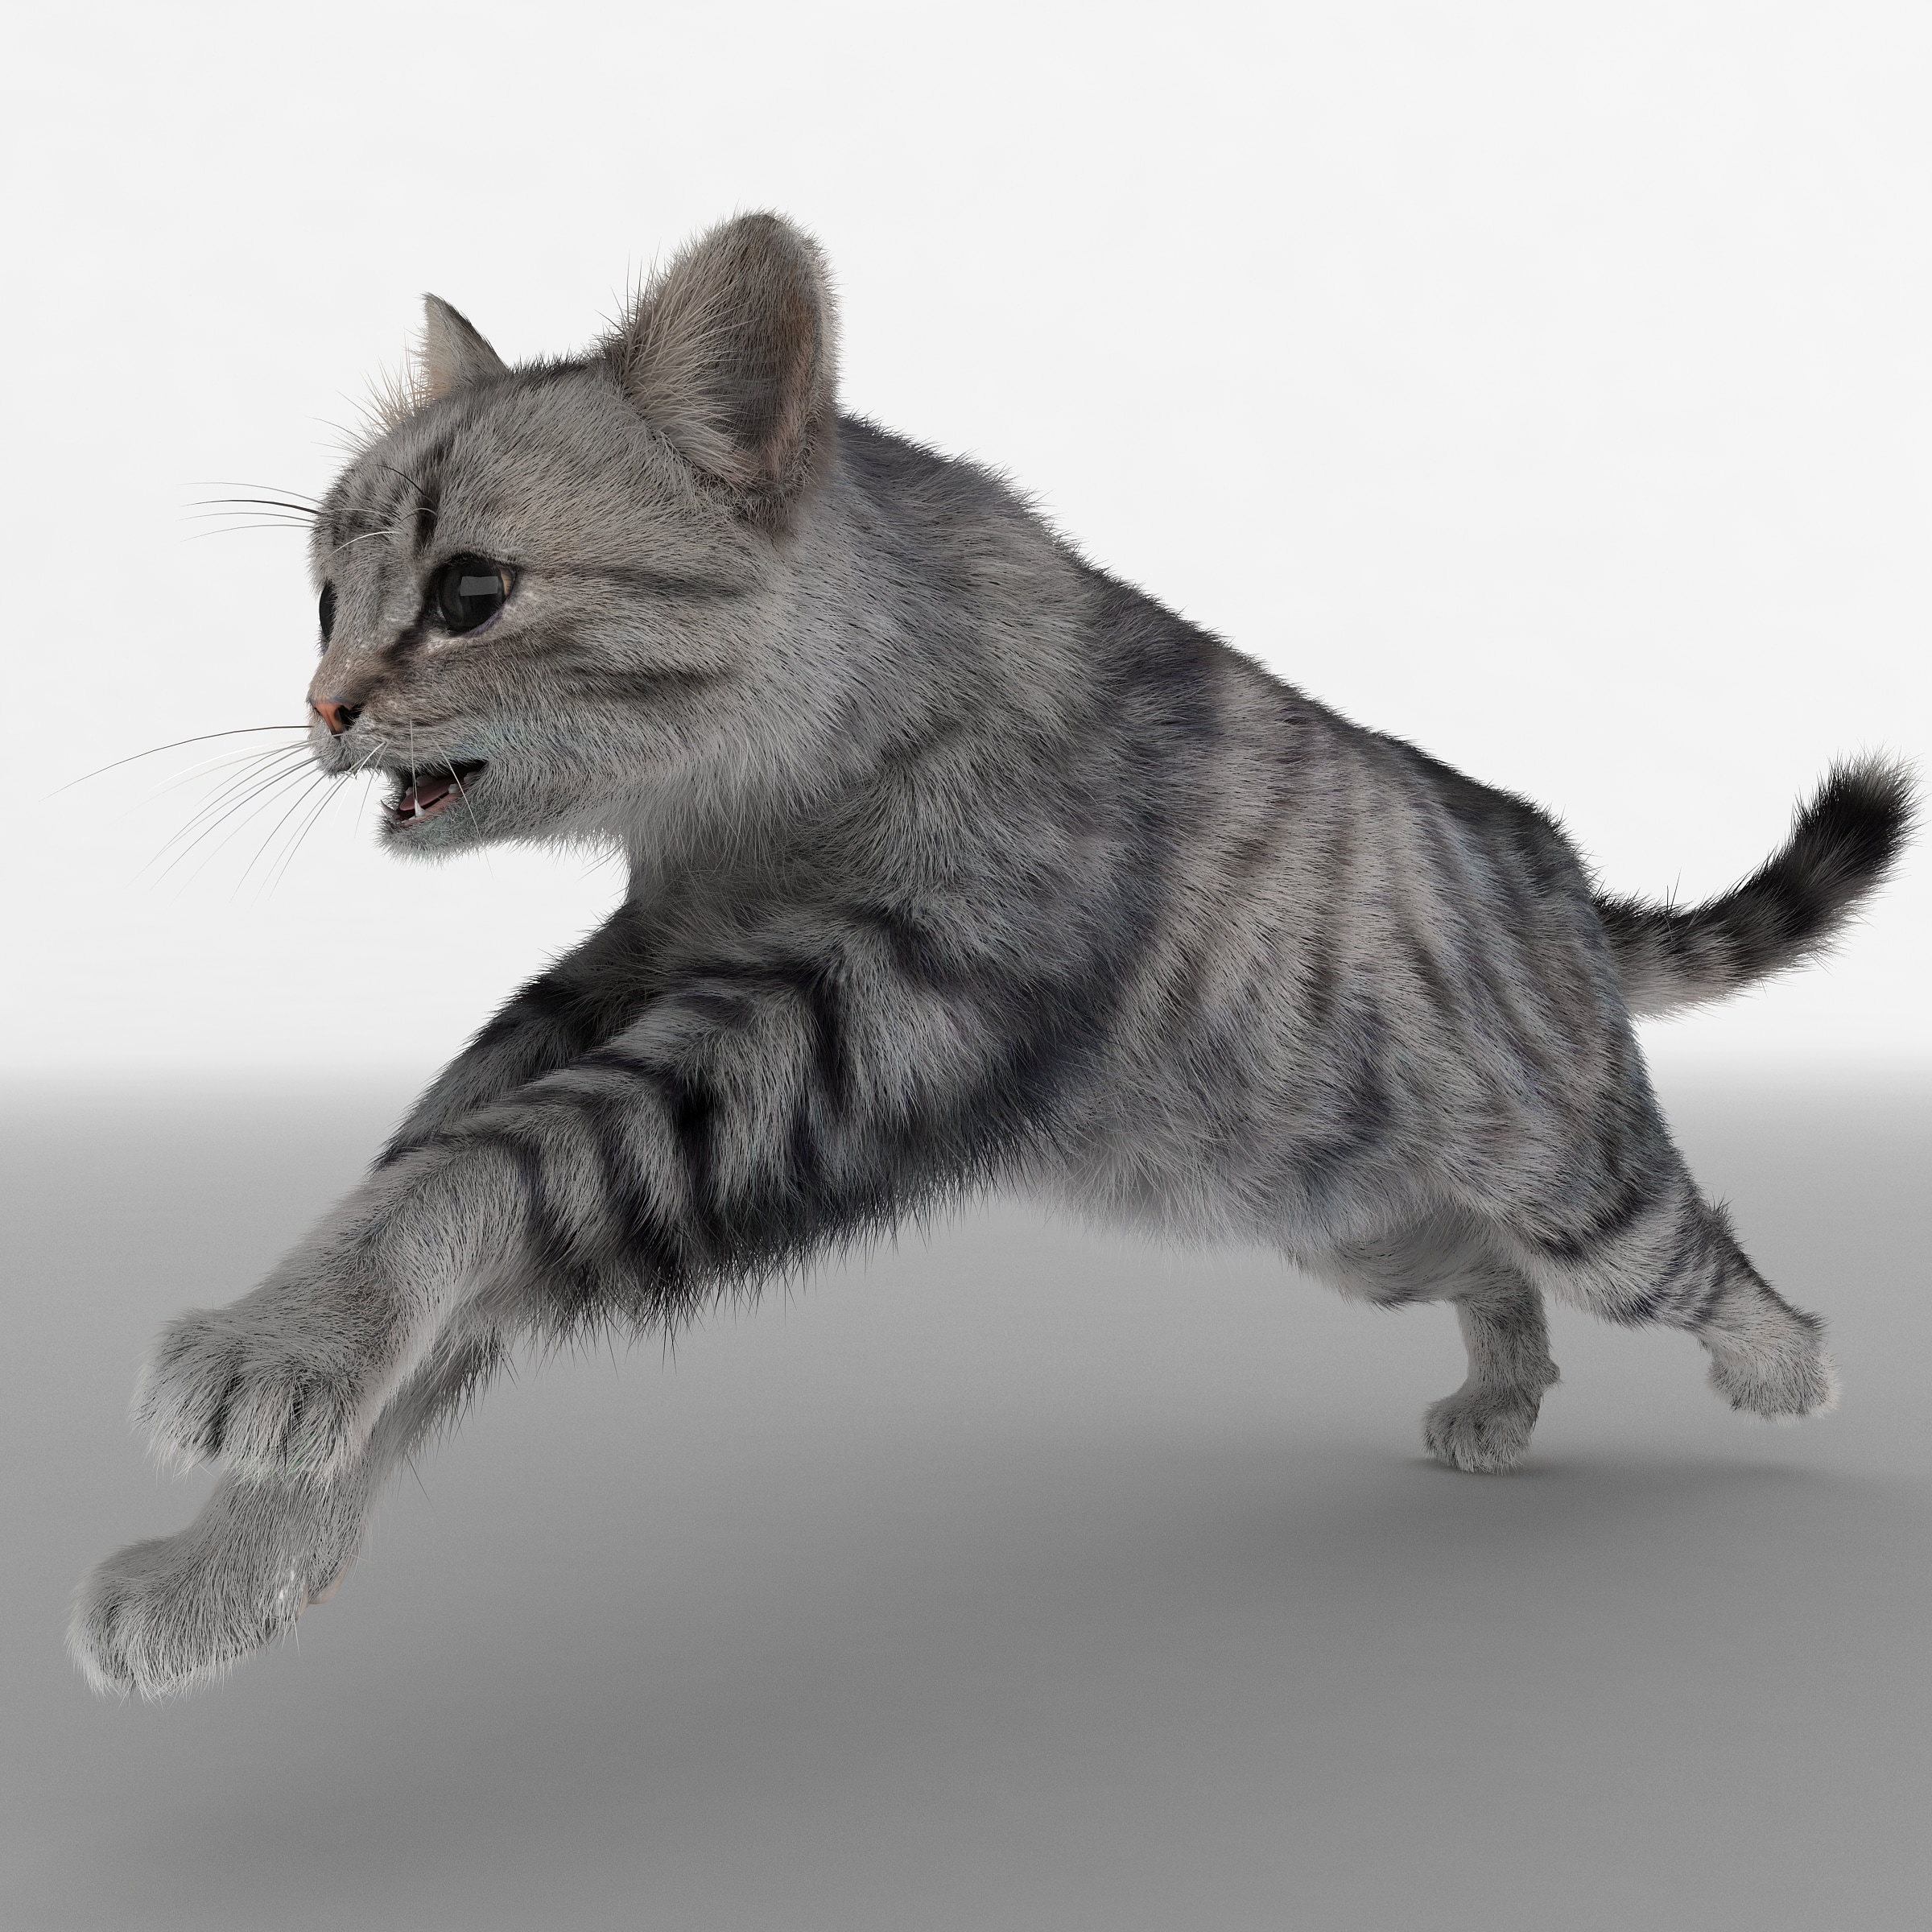 cat 3 pose 2 3d max